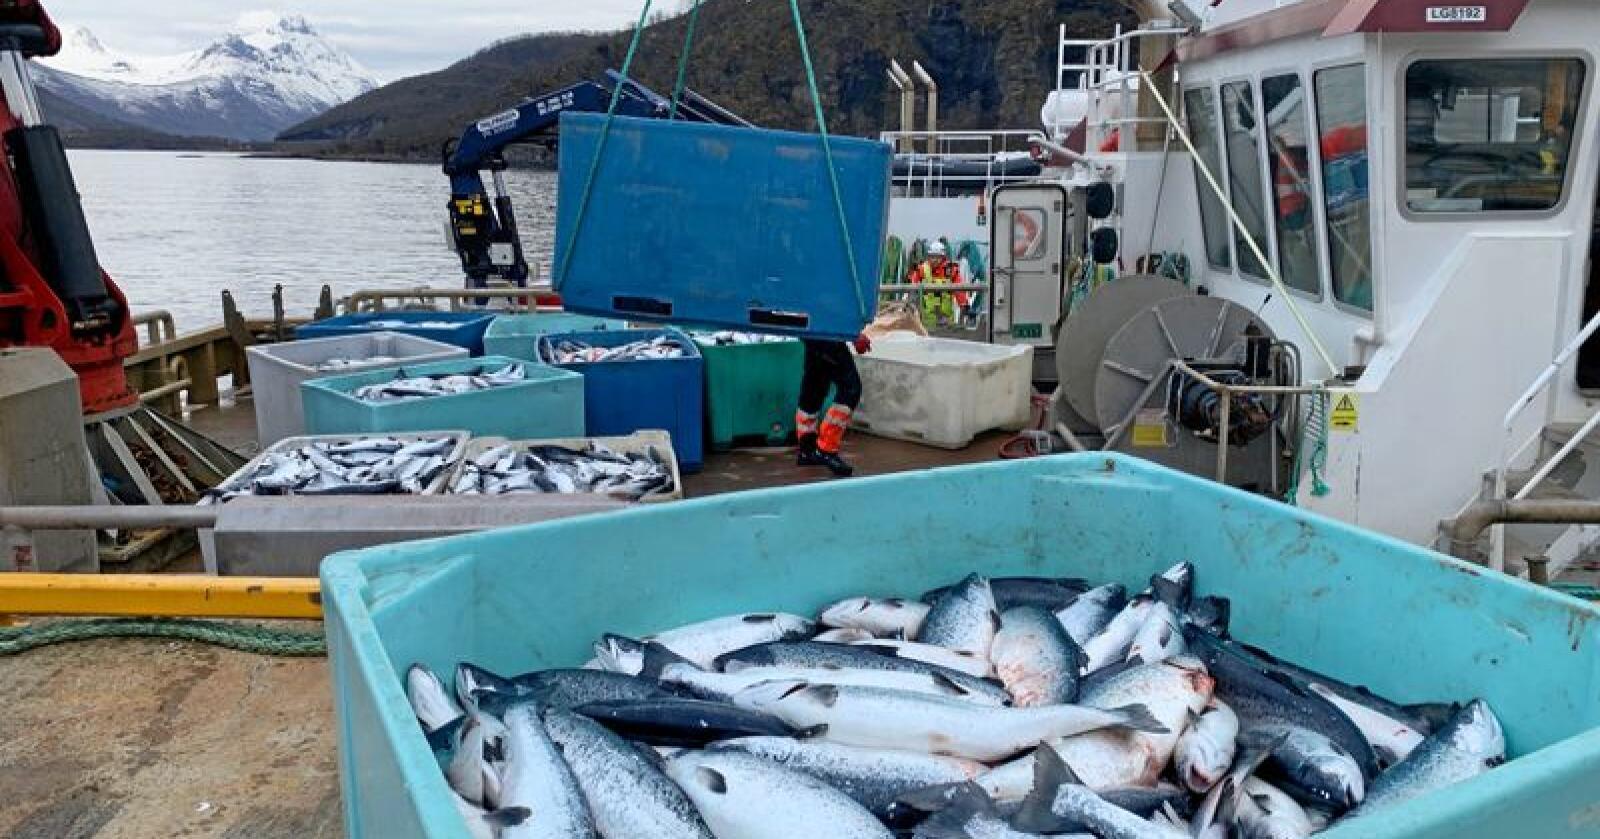 Ifølge Fiskeridirektoratet er over 13.000 tonn laks gått tapt, og minst ti lakseoppdrettere i Nordland og Troms er rammet av algedøden de siste ukene. Dermed står lakseslakteriene de eier i fylkene uten noe å gjøre framover. Illustrasjonsfoto: Elisabeth Balteskard / NTB scanpix